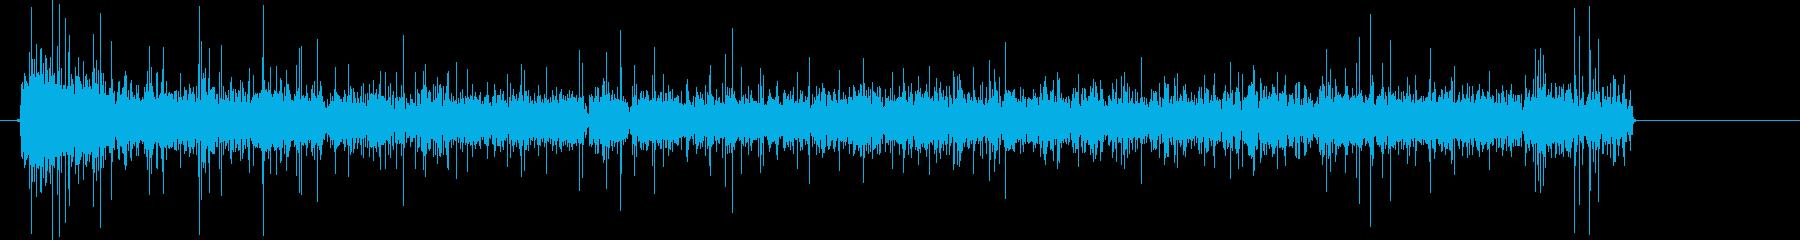 ヒューズ書き込み;ロングスパッタリ...の再生済みの波形